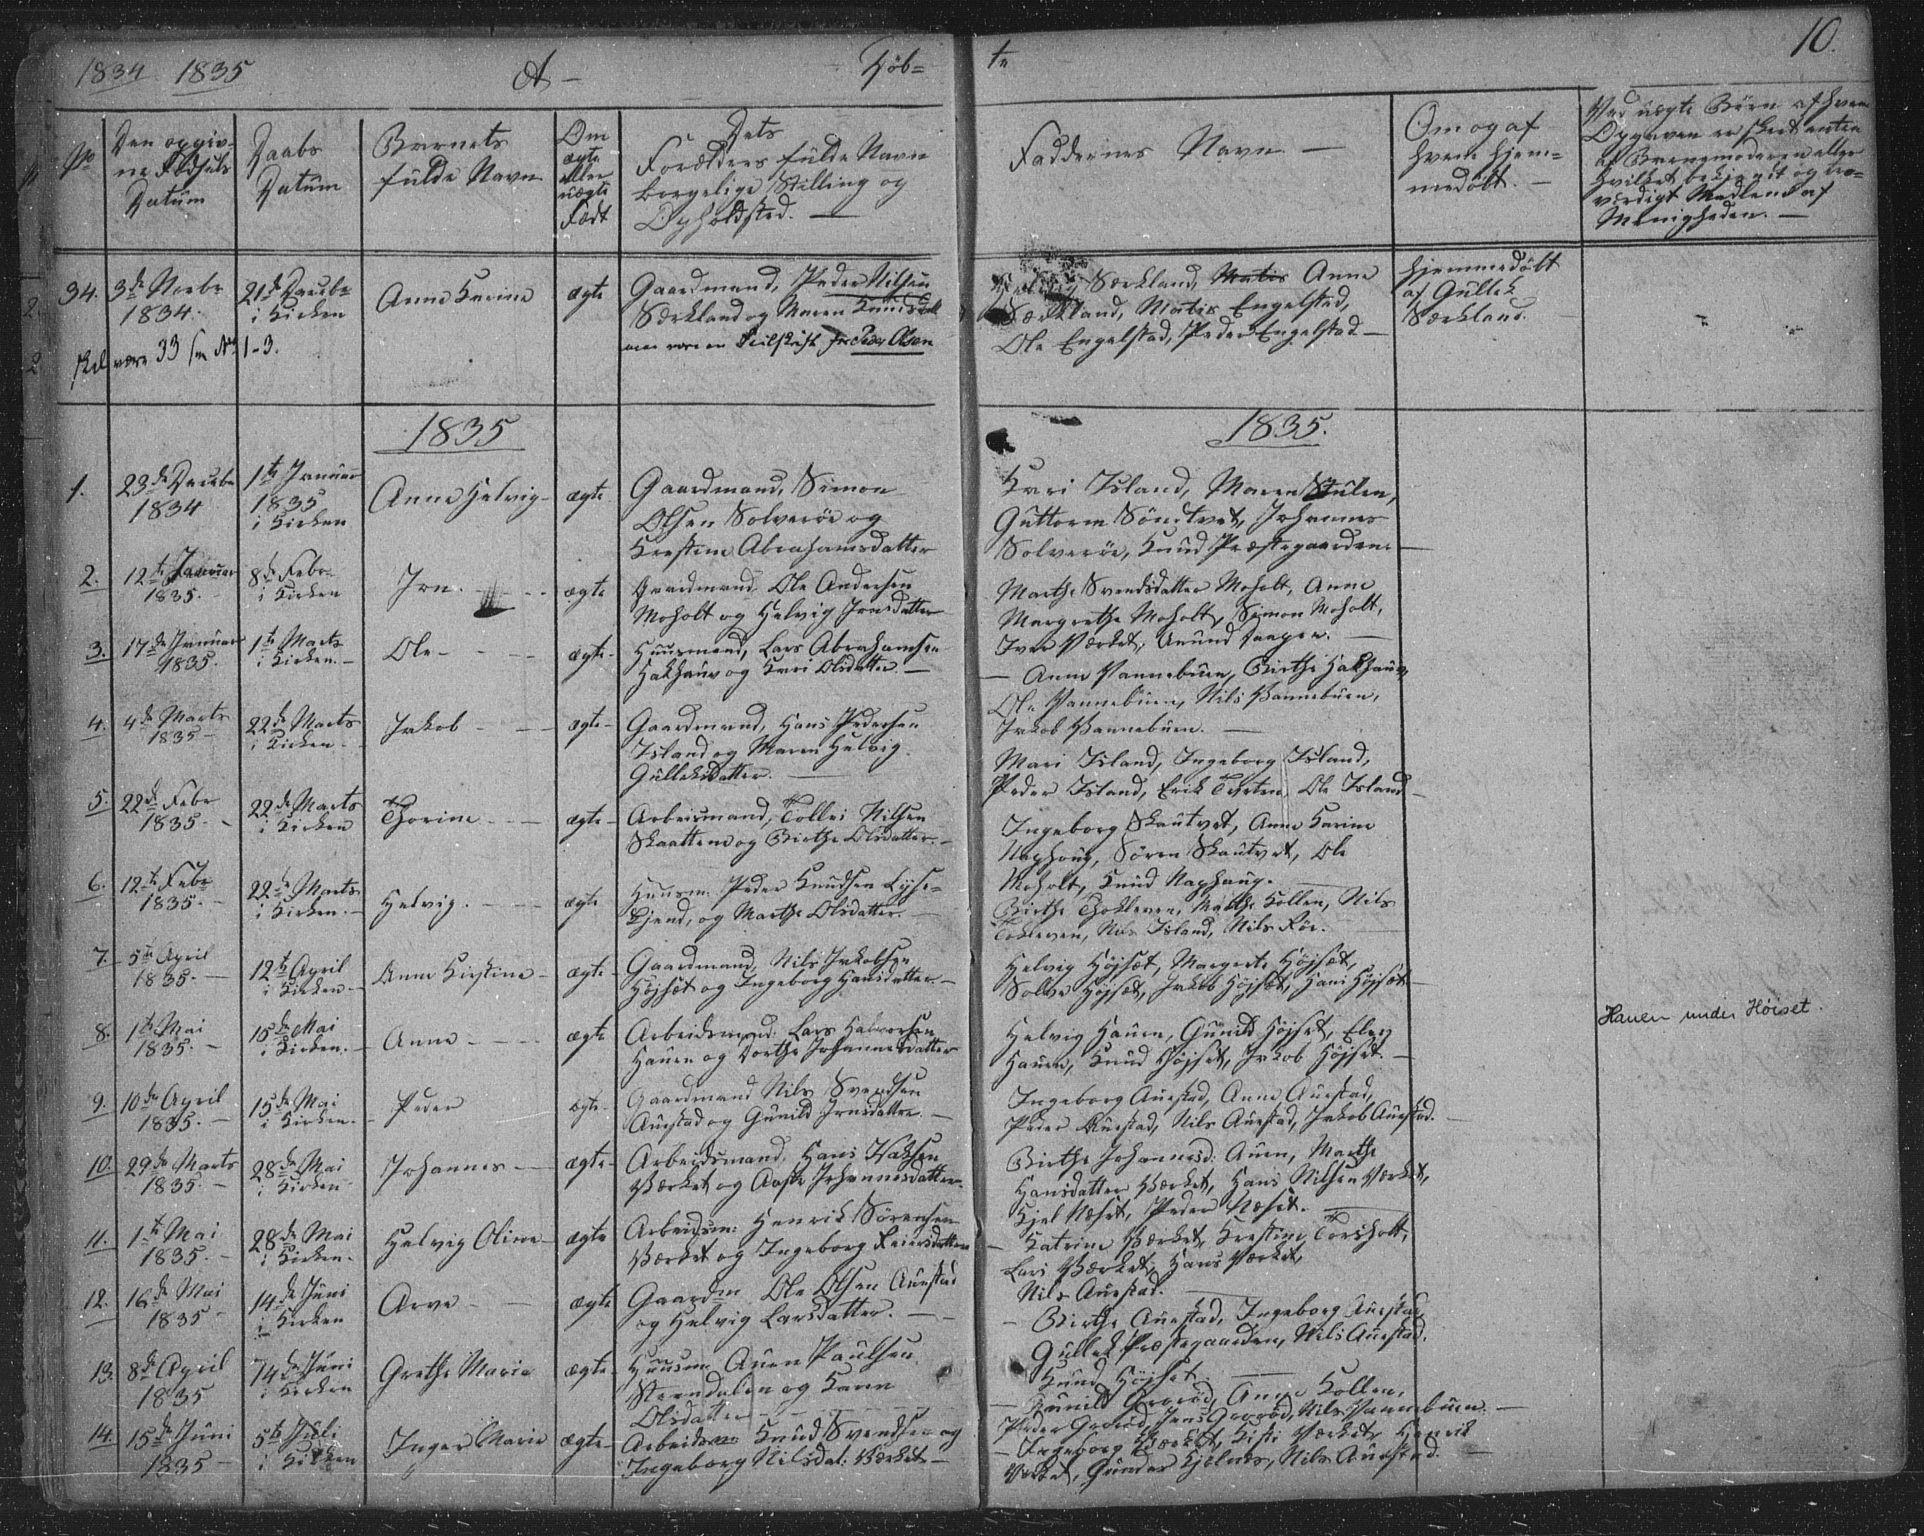 SAKO, Siljan kirkebøker, F/Fa/L0001: Ministerialbok nr. 1, 1831-1870, s. 10